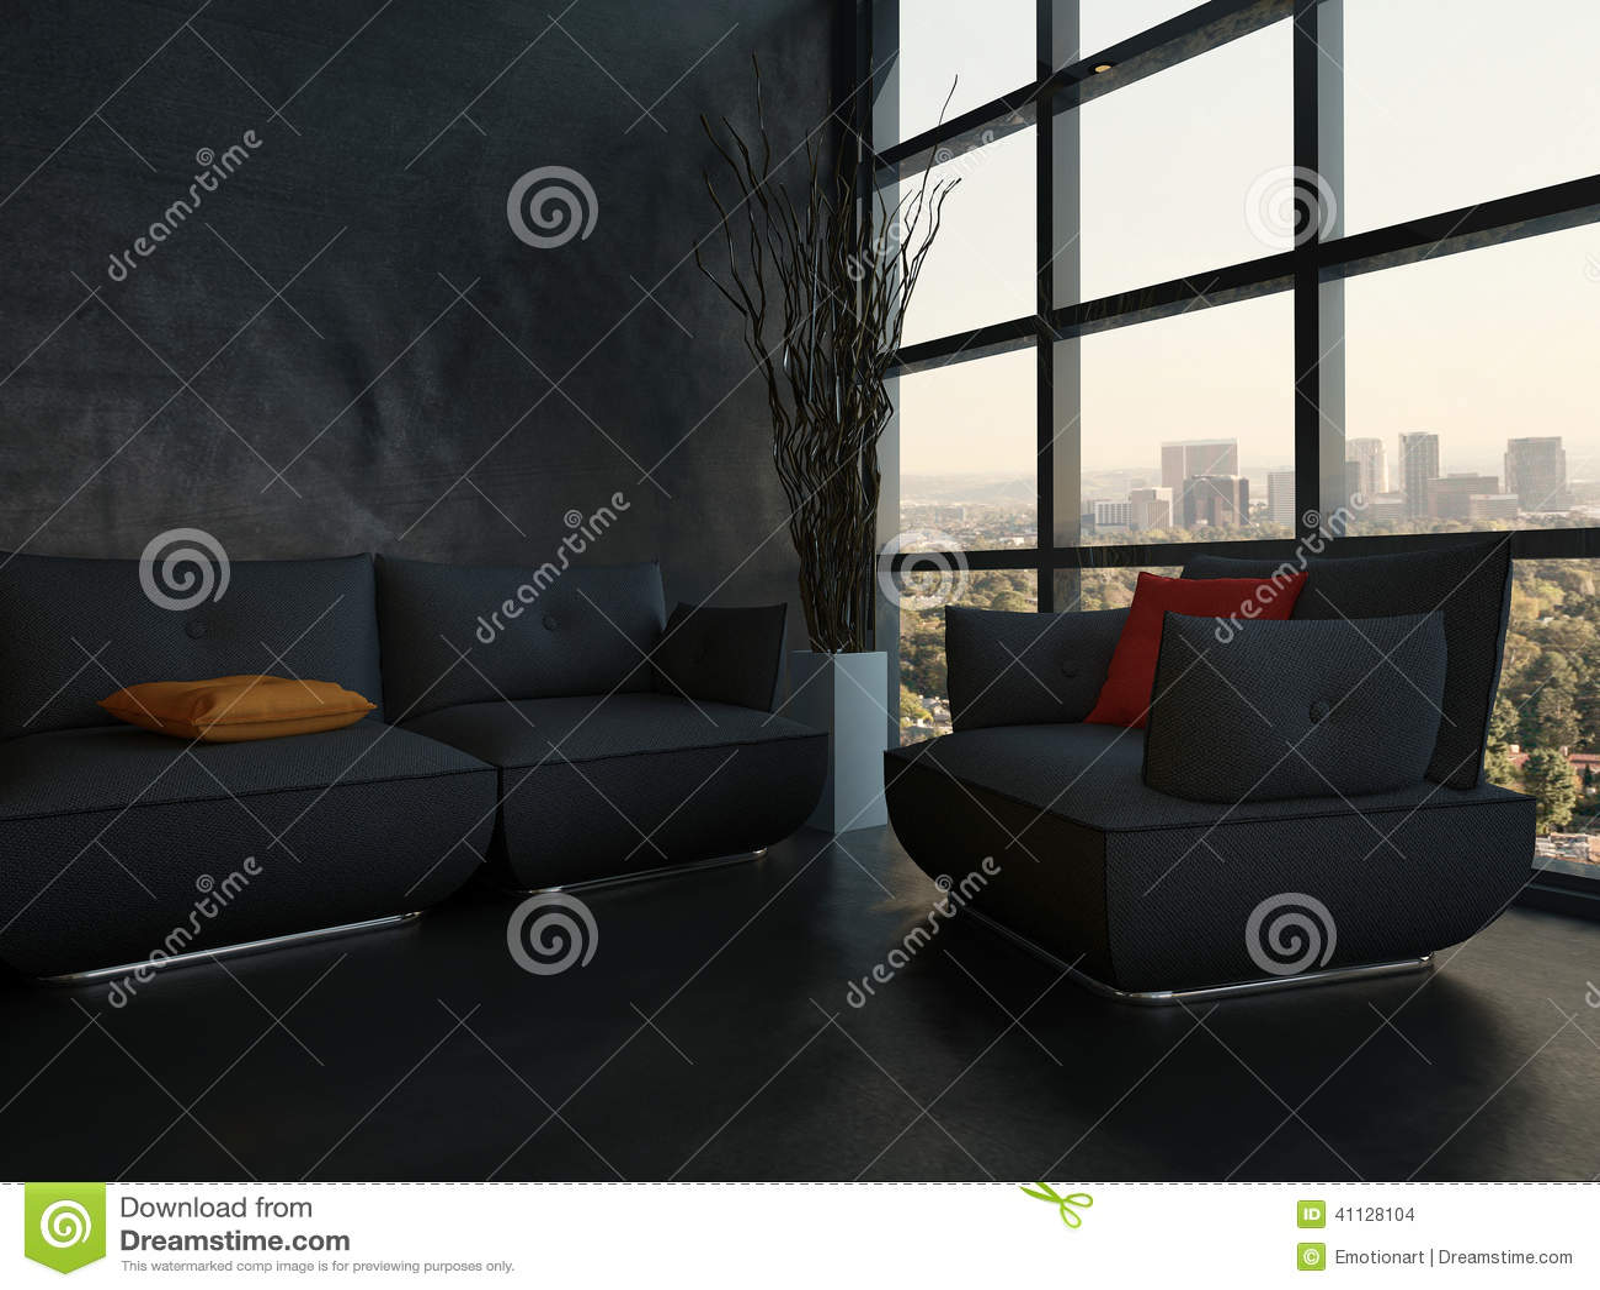 schwarze couch mit bunten kissen gegen h lzerne wand stock abbildung bild 41128104. Black Bedroom Furniture Sets. Home Design Ideas